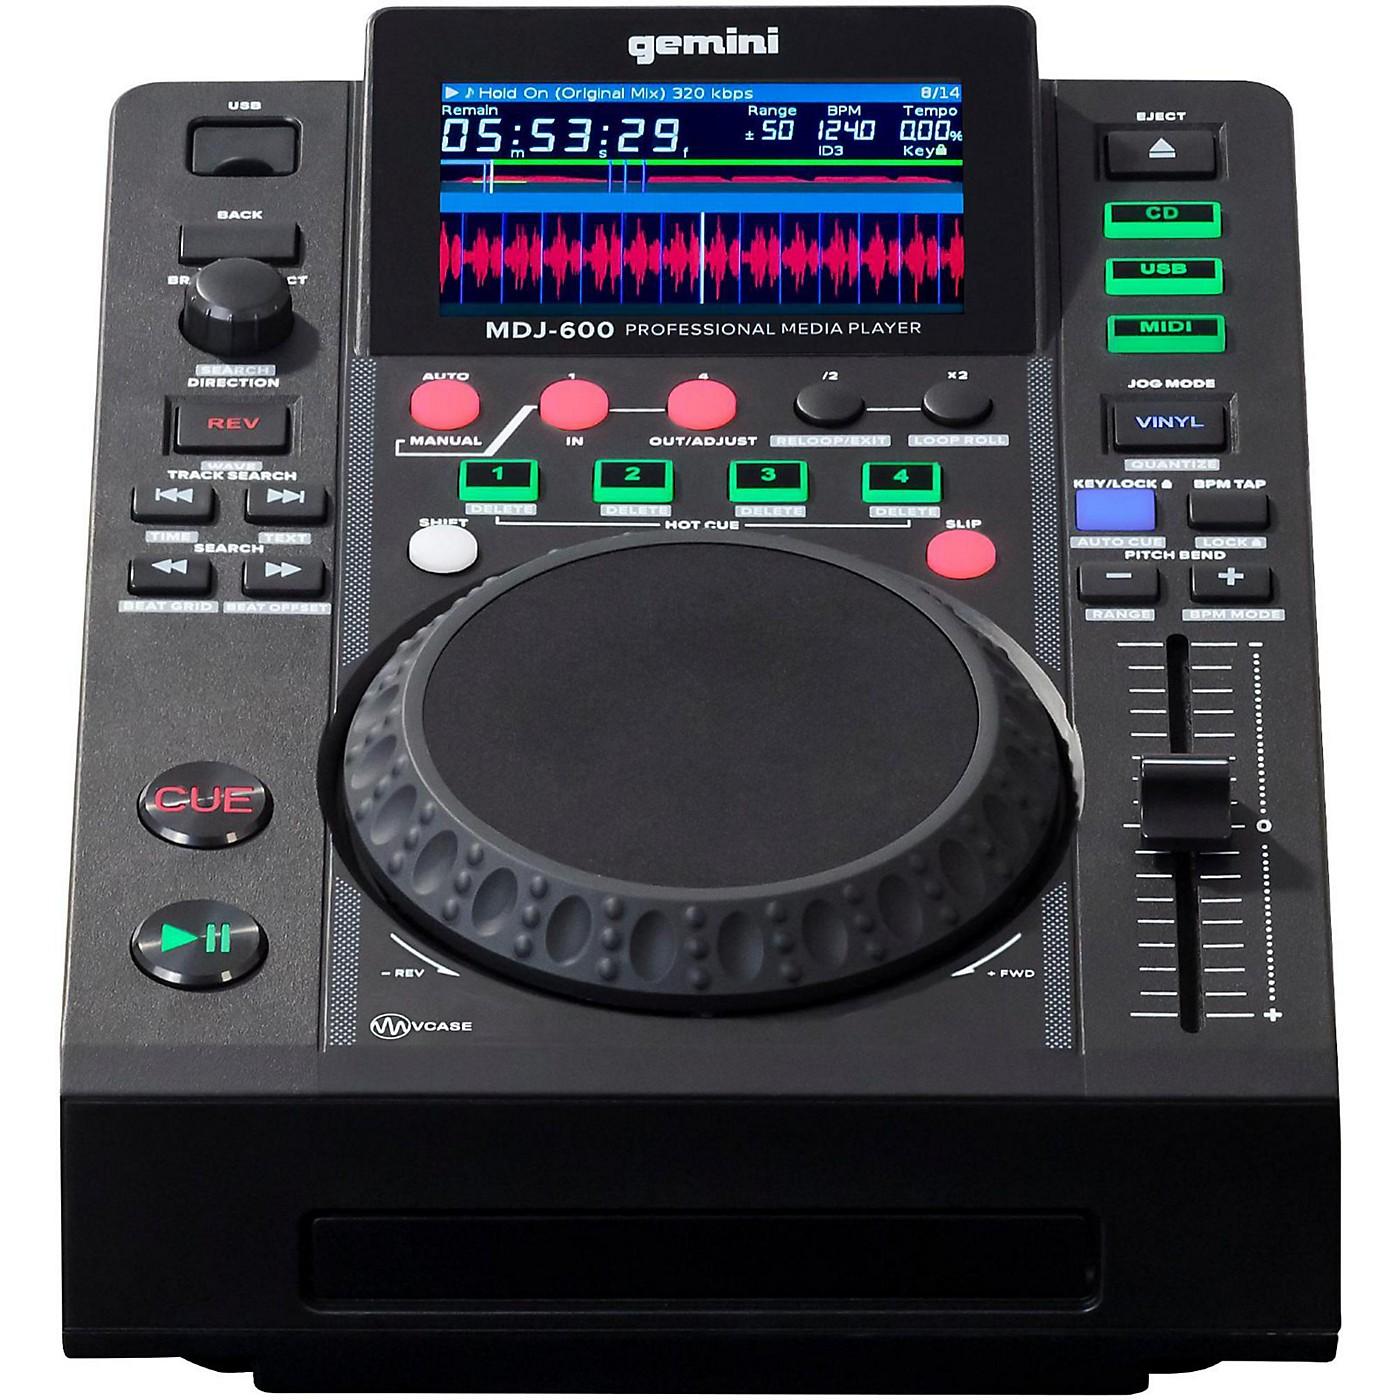 Gemini MDJ-600 Professional DJ USB CD CDJ Media Player thumbnail